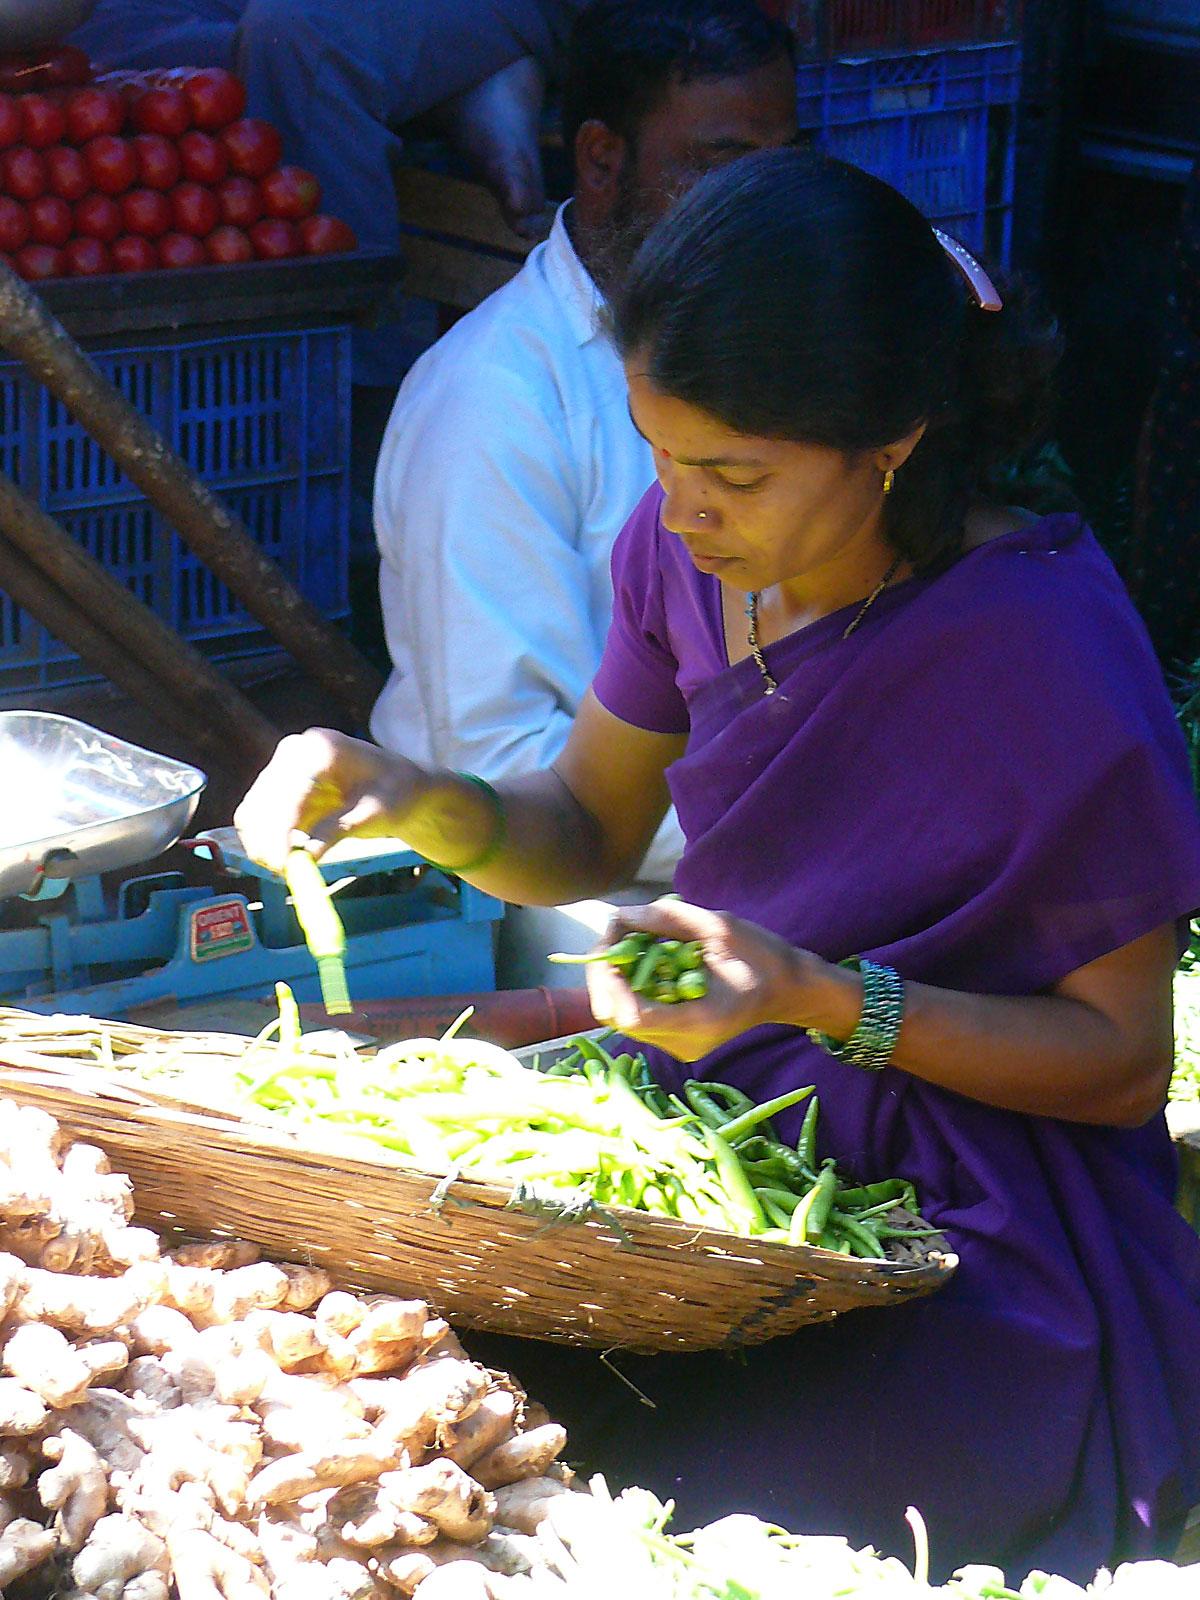 INDIEN MUMBAI Menschen Wohnen FINEST-onTour P1030469.jpg